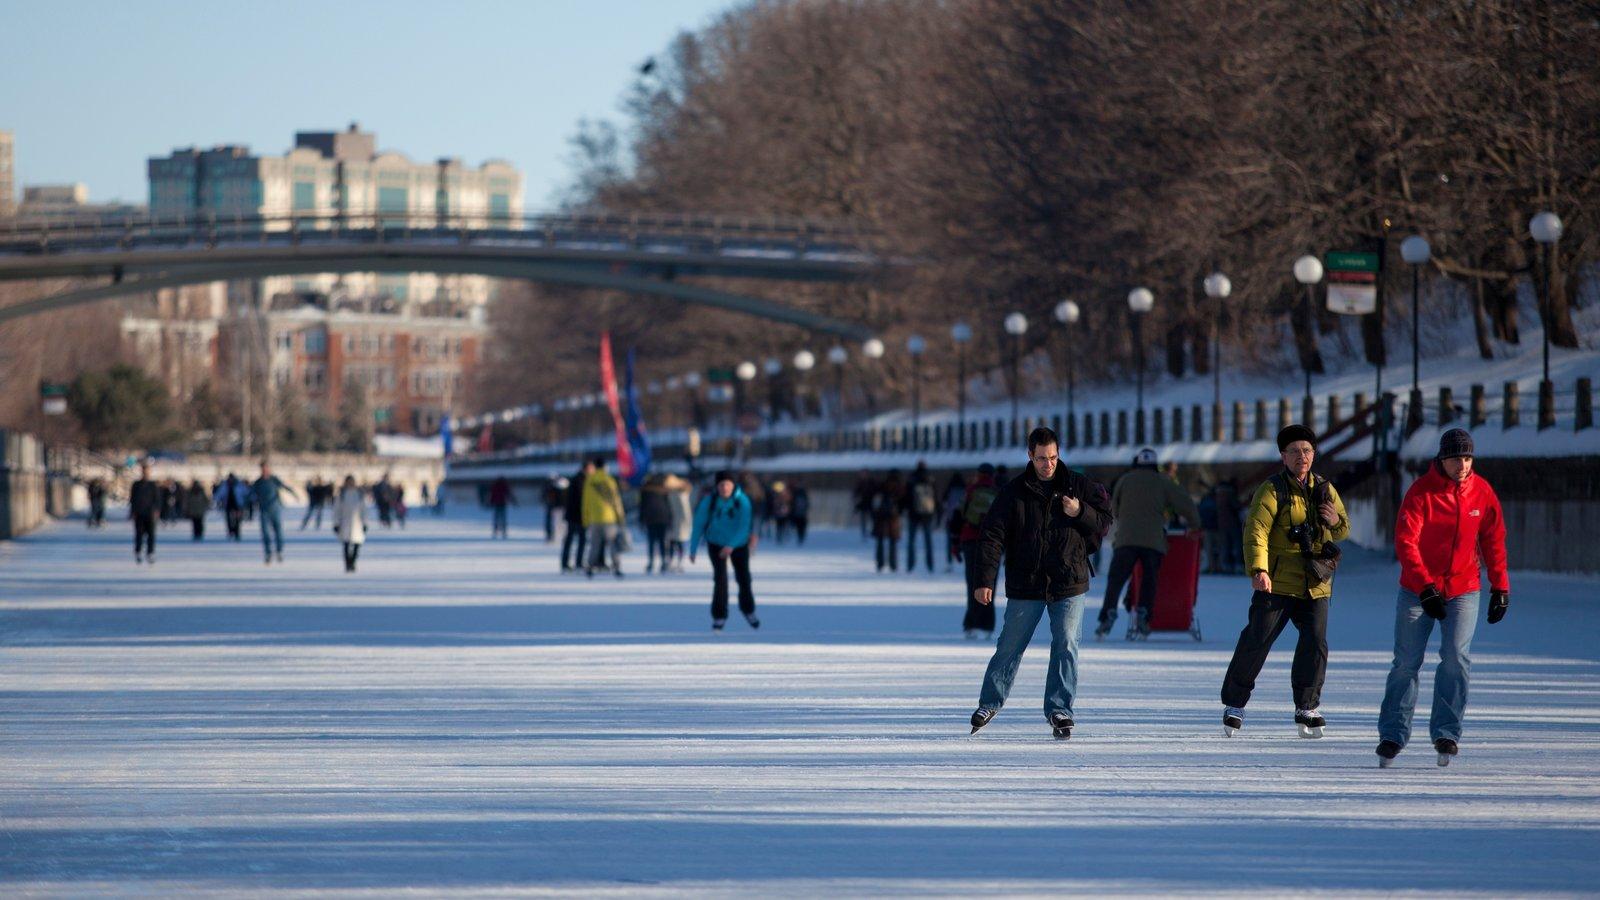 Rideau Canal que inclui patinação no gelo assim como um grande grupo de pessoas